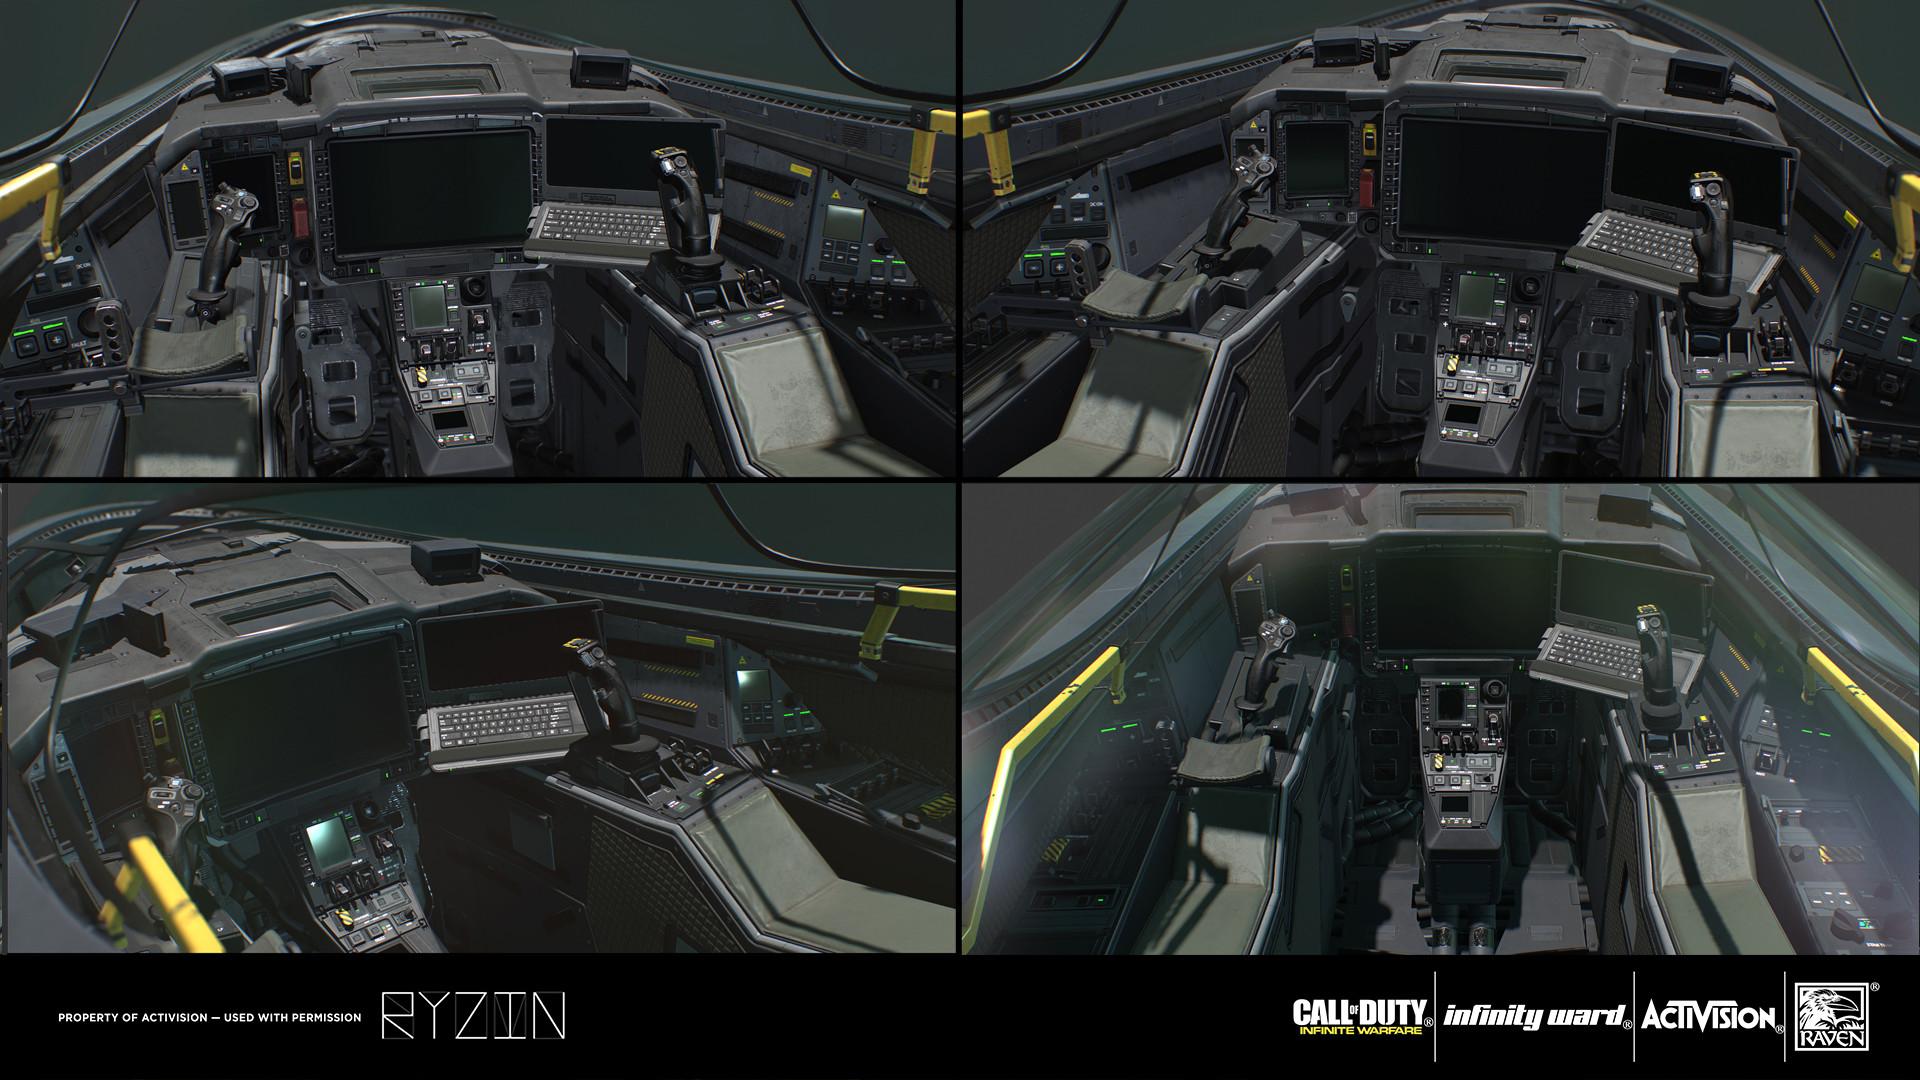 Henrique lopes cockpit06